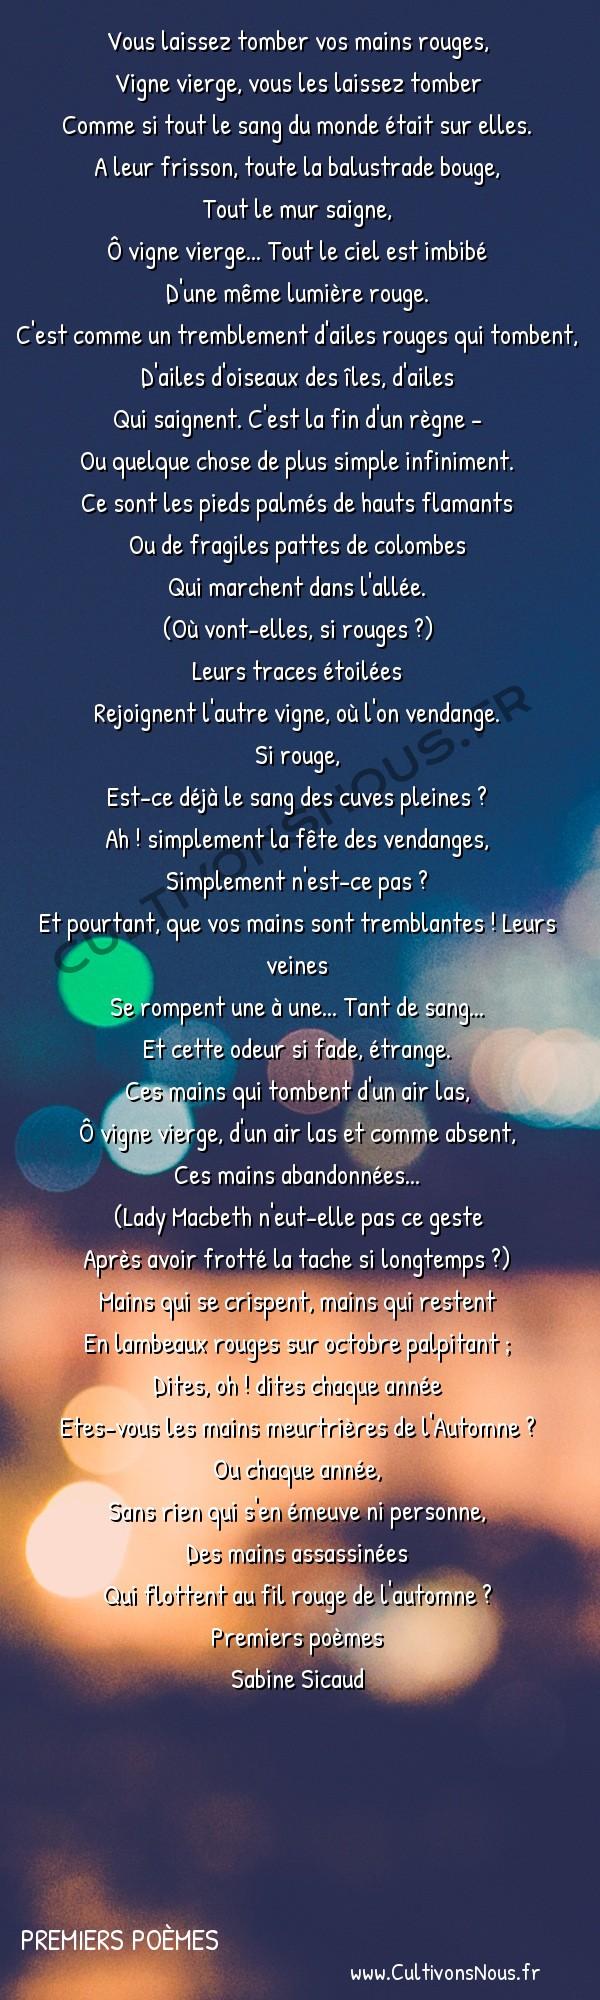 Poésies Sabine Sicaud - Premiers poèmes - Vigne vierge d'automne -  Vous laissez tomber vos mains rouges, Vigne vierge, vous les laissez tomber